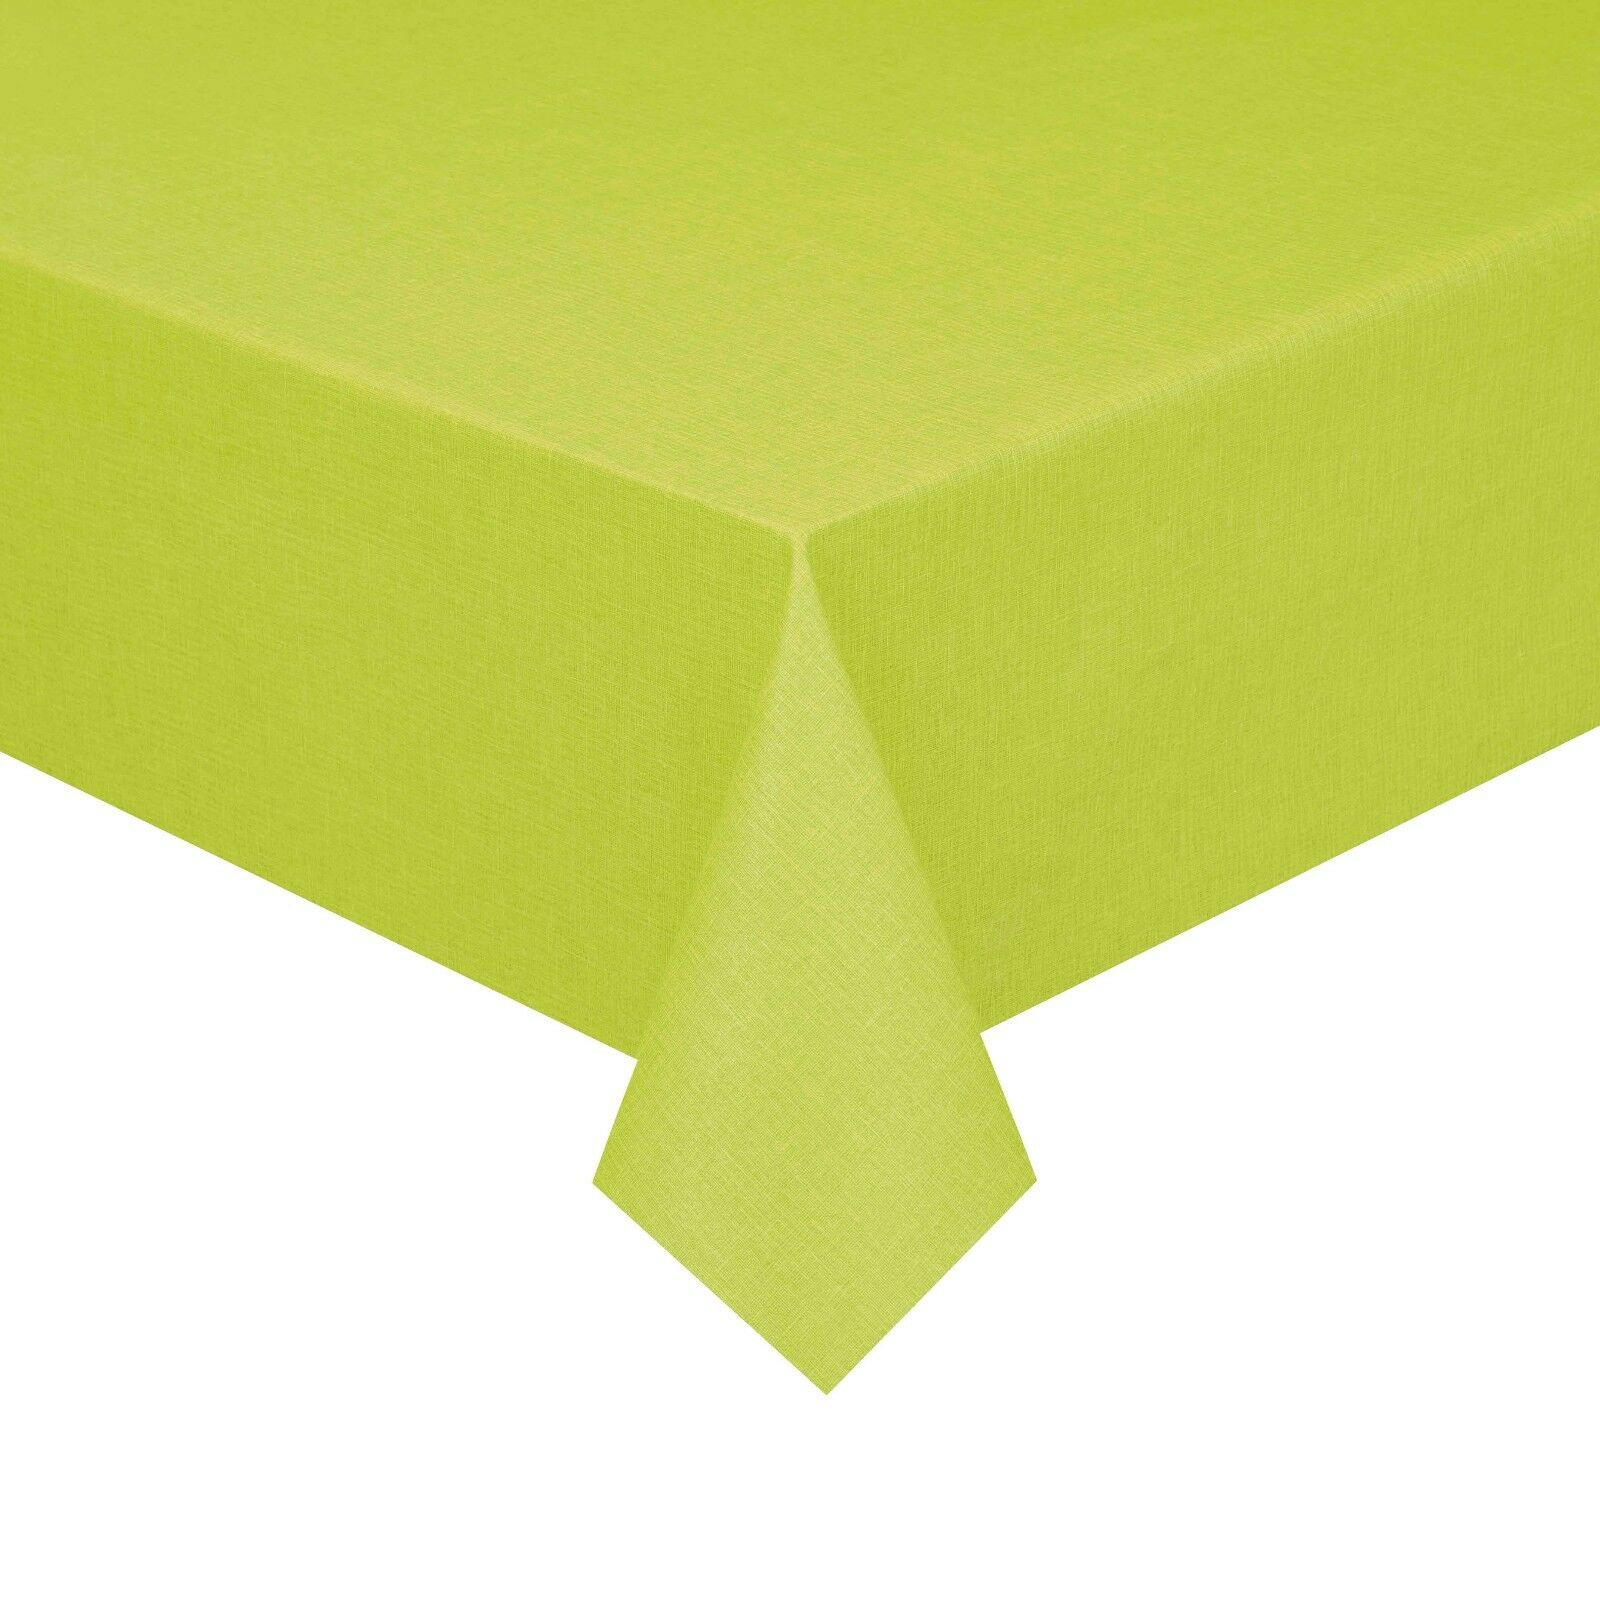 Pey Metraggio Stoffa tovaglia verde mela dimensione selezionabile Lino Struttura lavabile